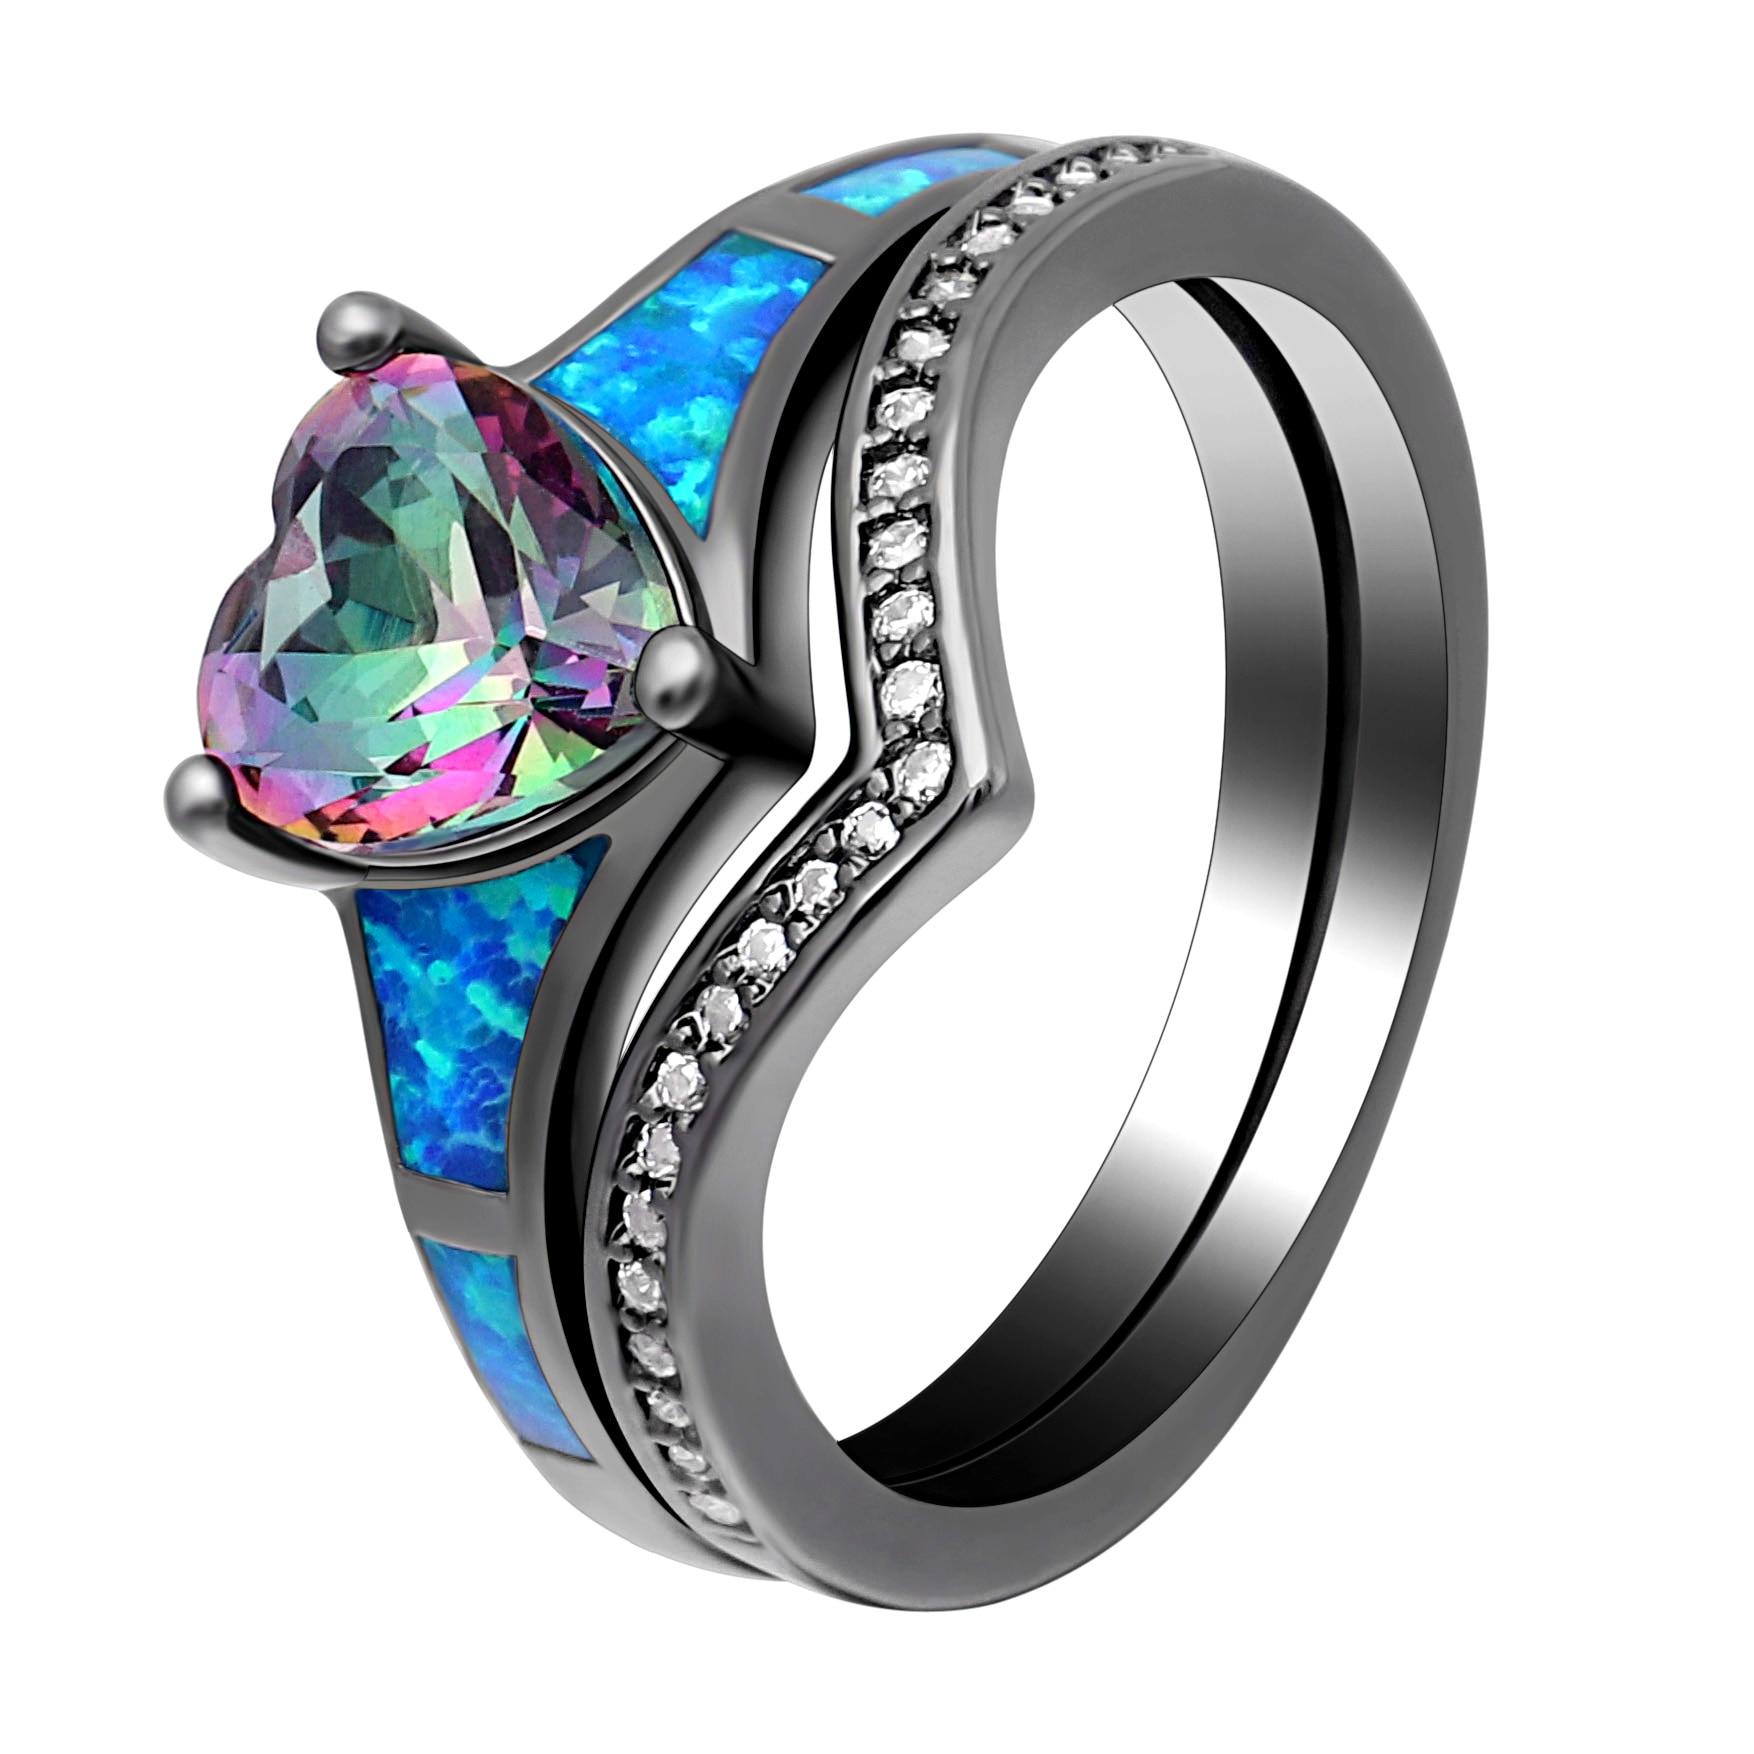 Купить женские кольца с опалом в форме сердца 2 шт винтажные ювелирные